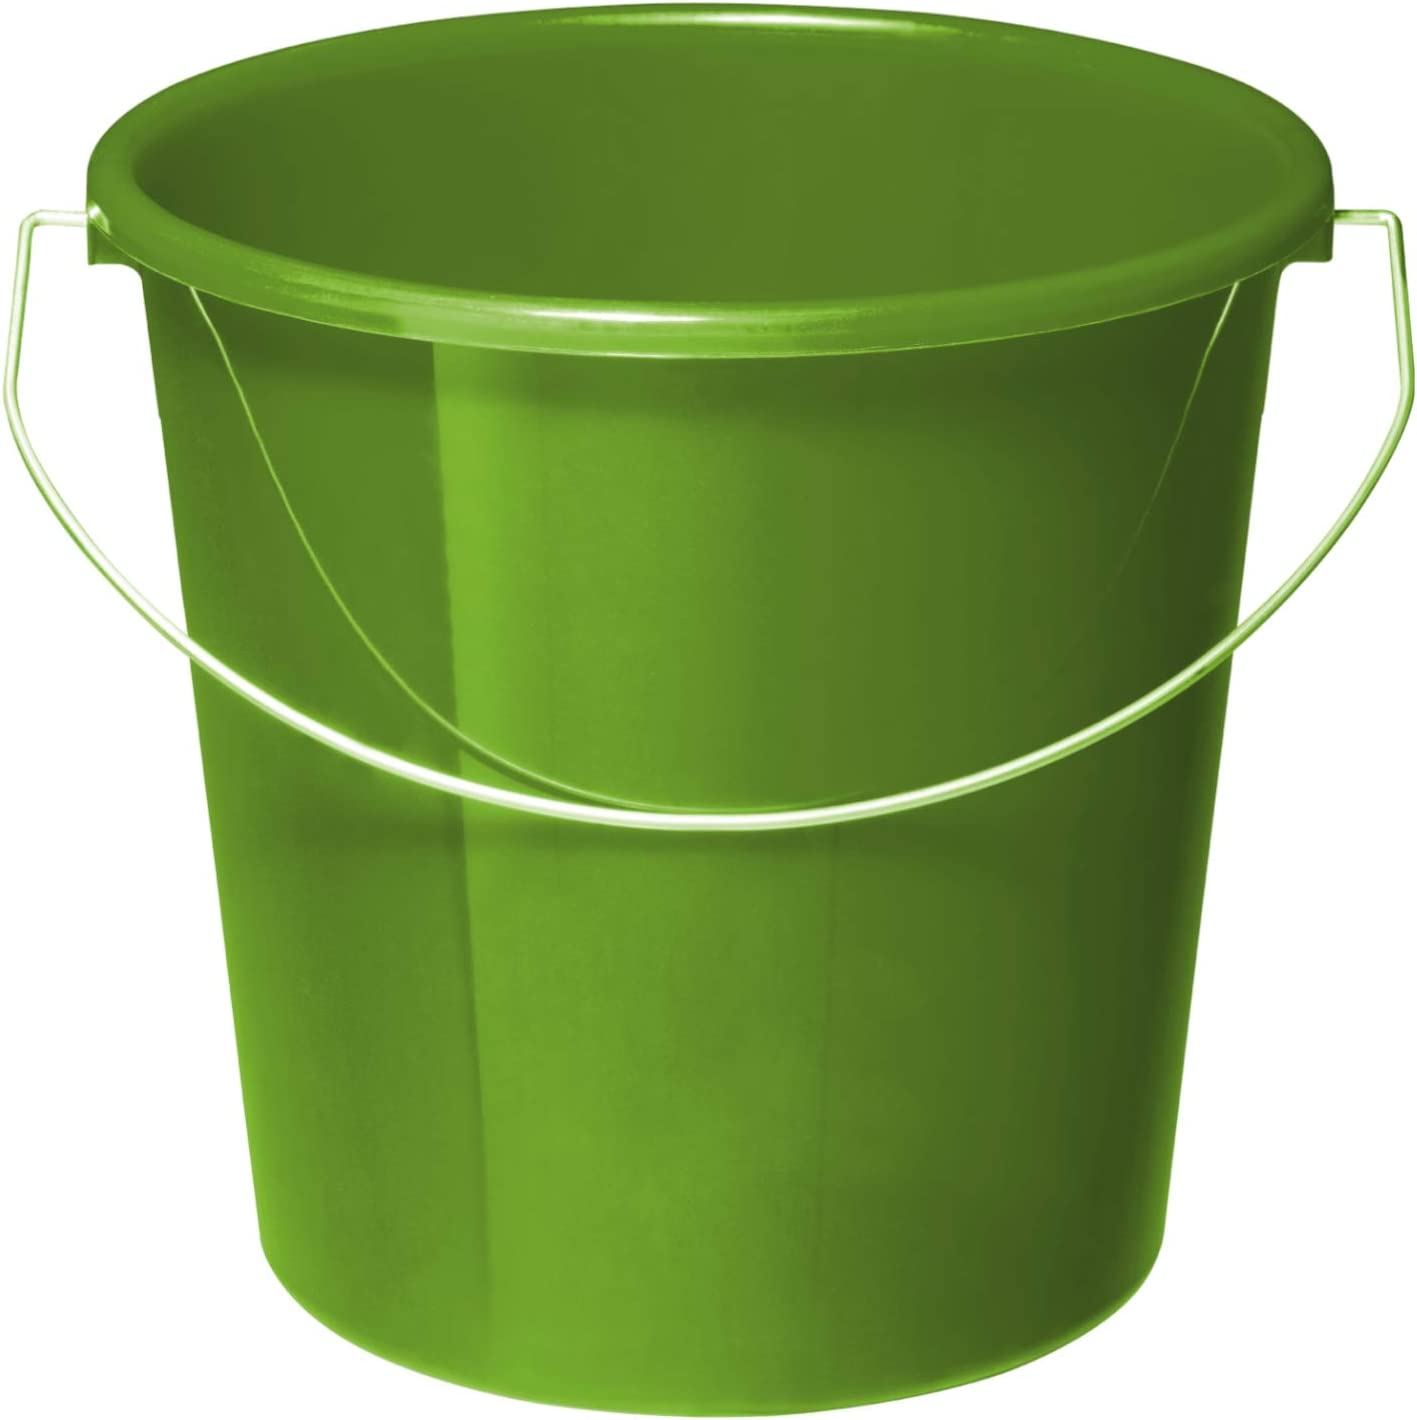 Green 5 Litre Rotho Vario Bucket